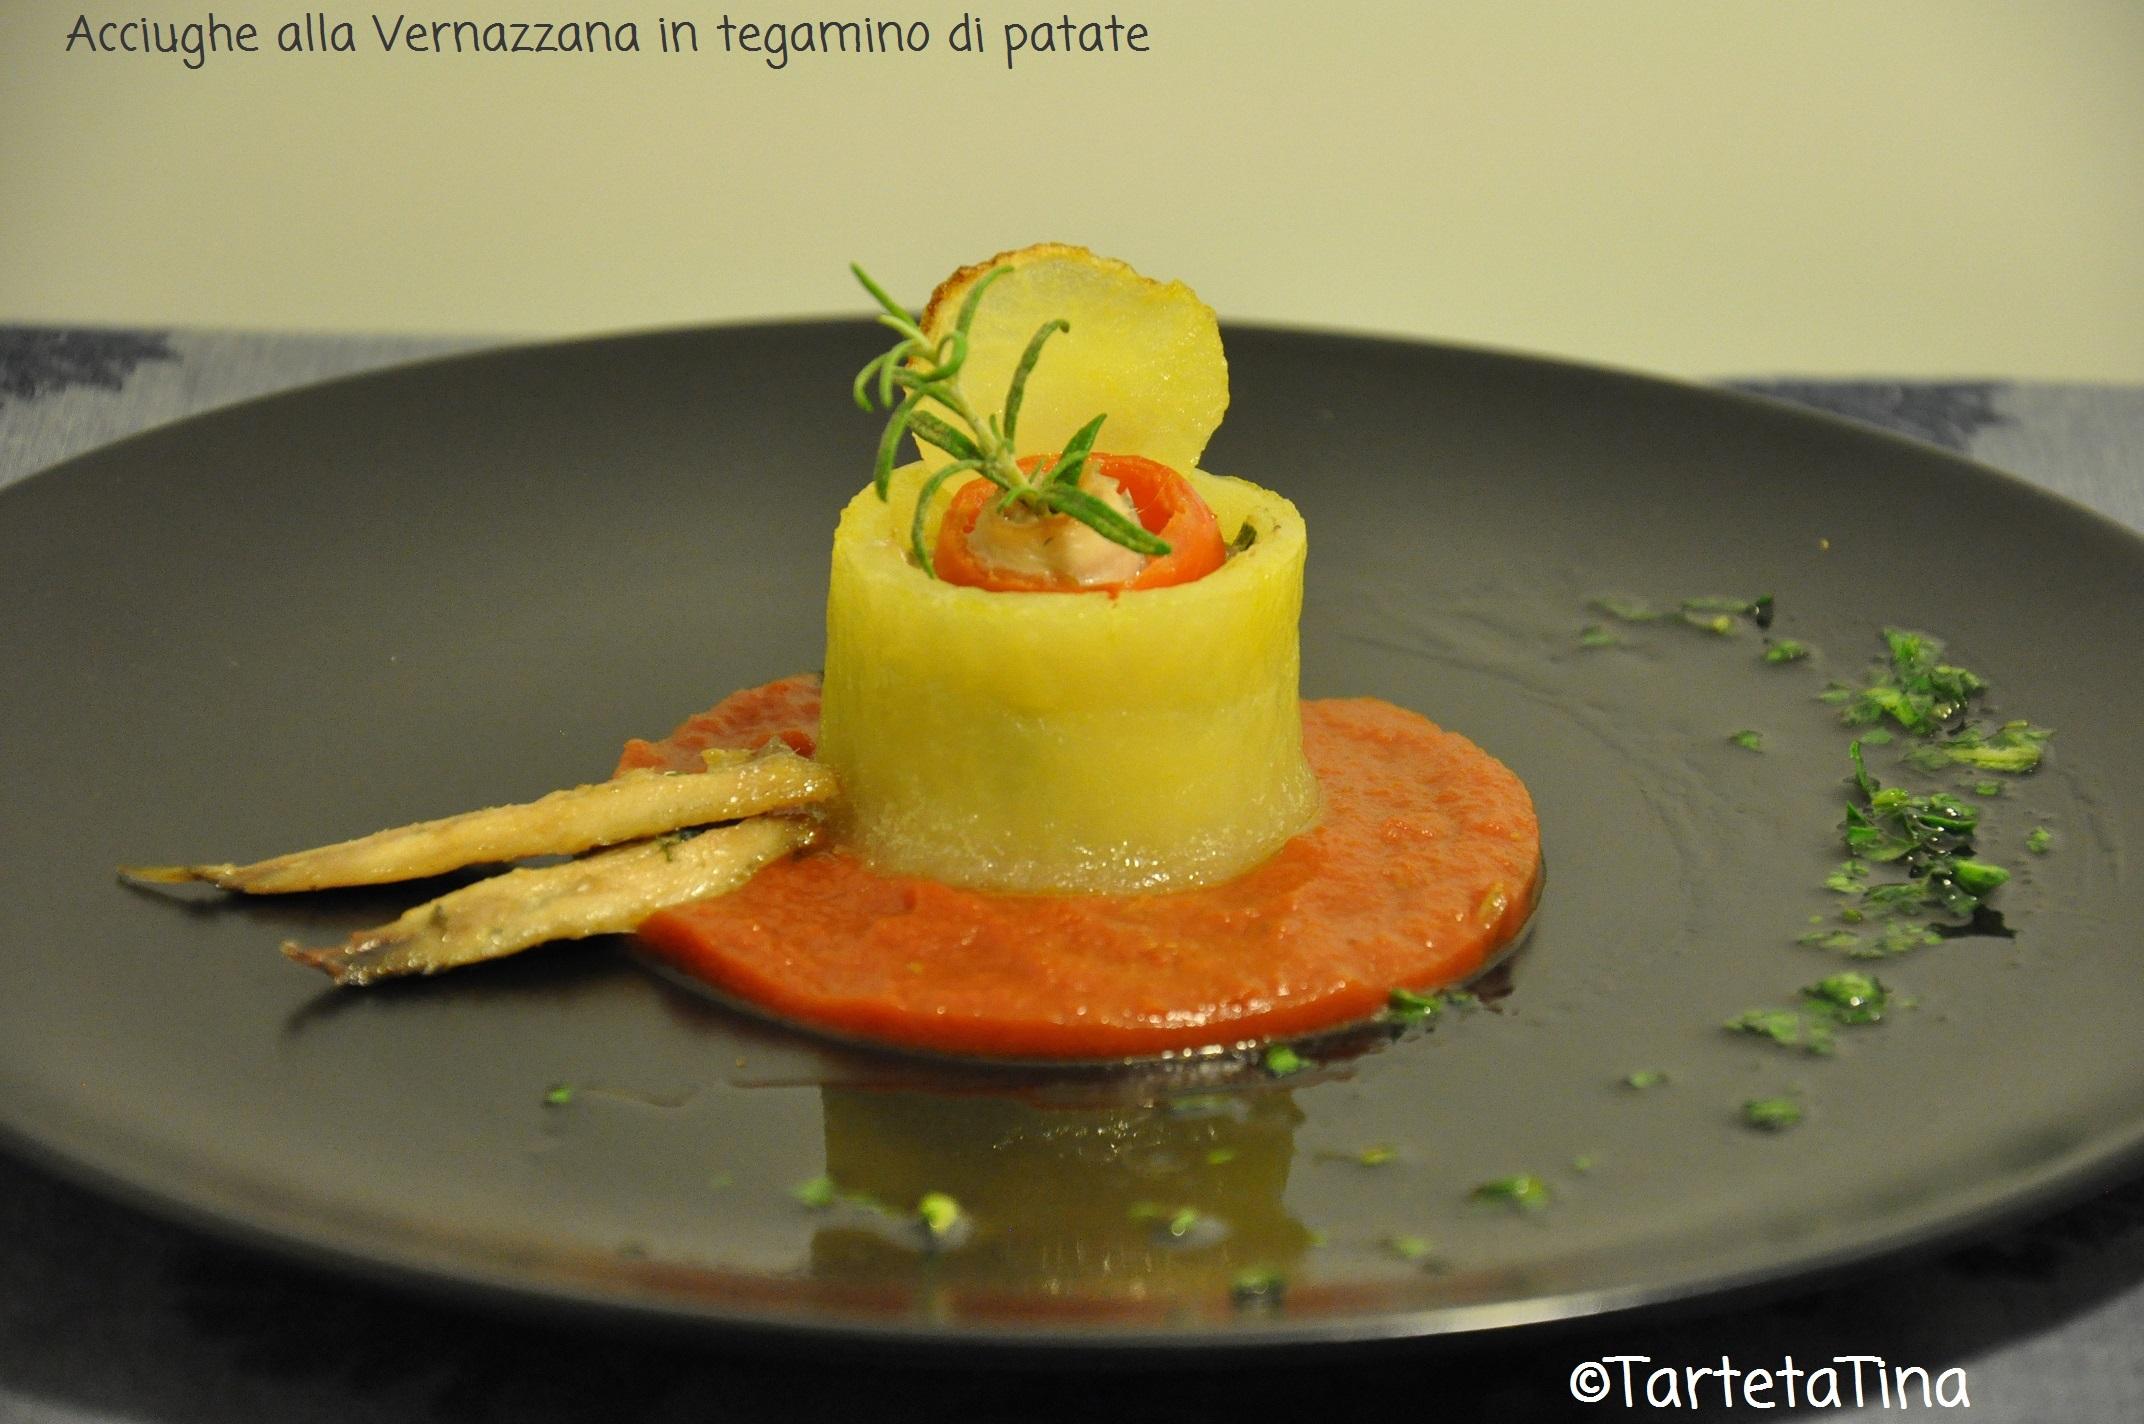 Acciughe alla Vernazzana in tegamino di patate